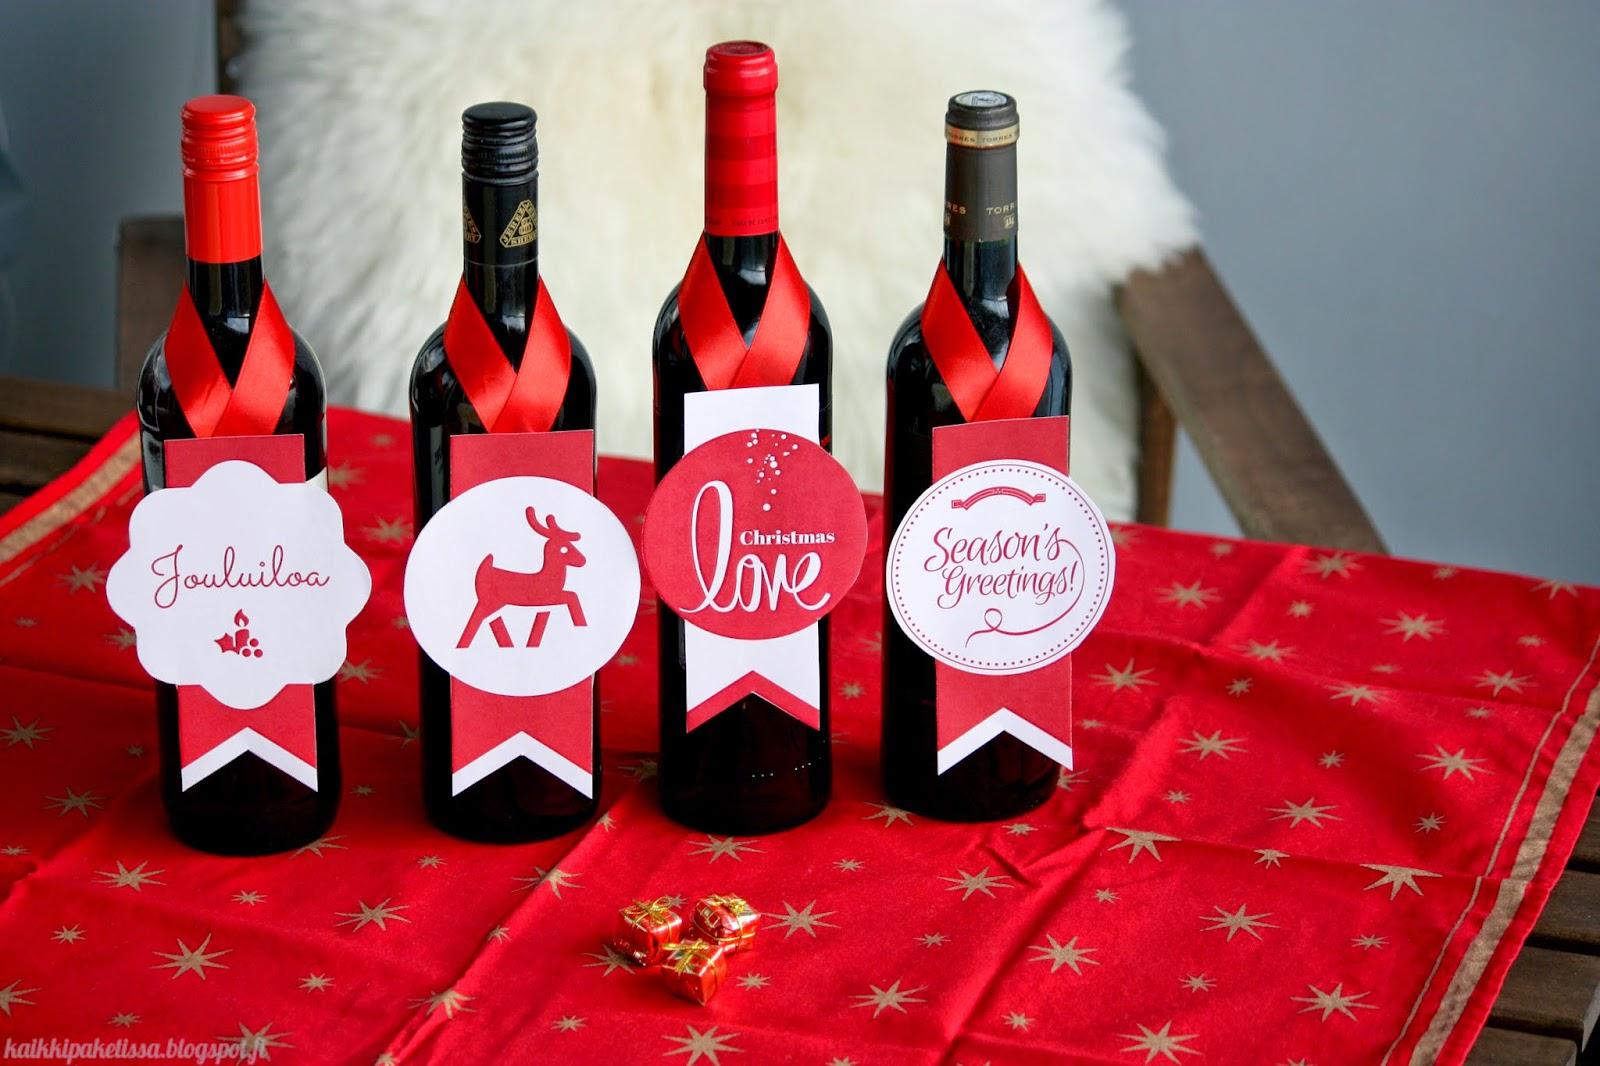 Kaikki Paketissa joulutervehdys viinipullon kaulaan